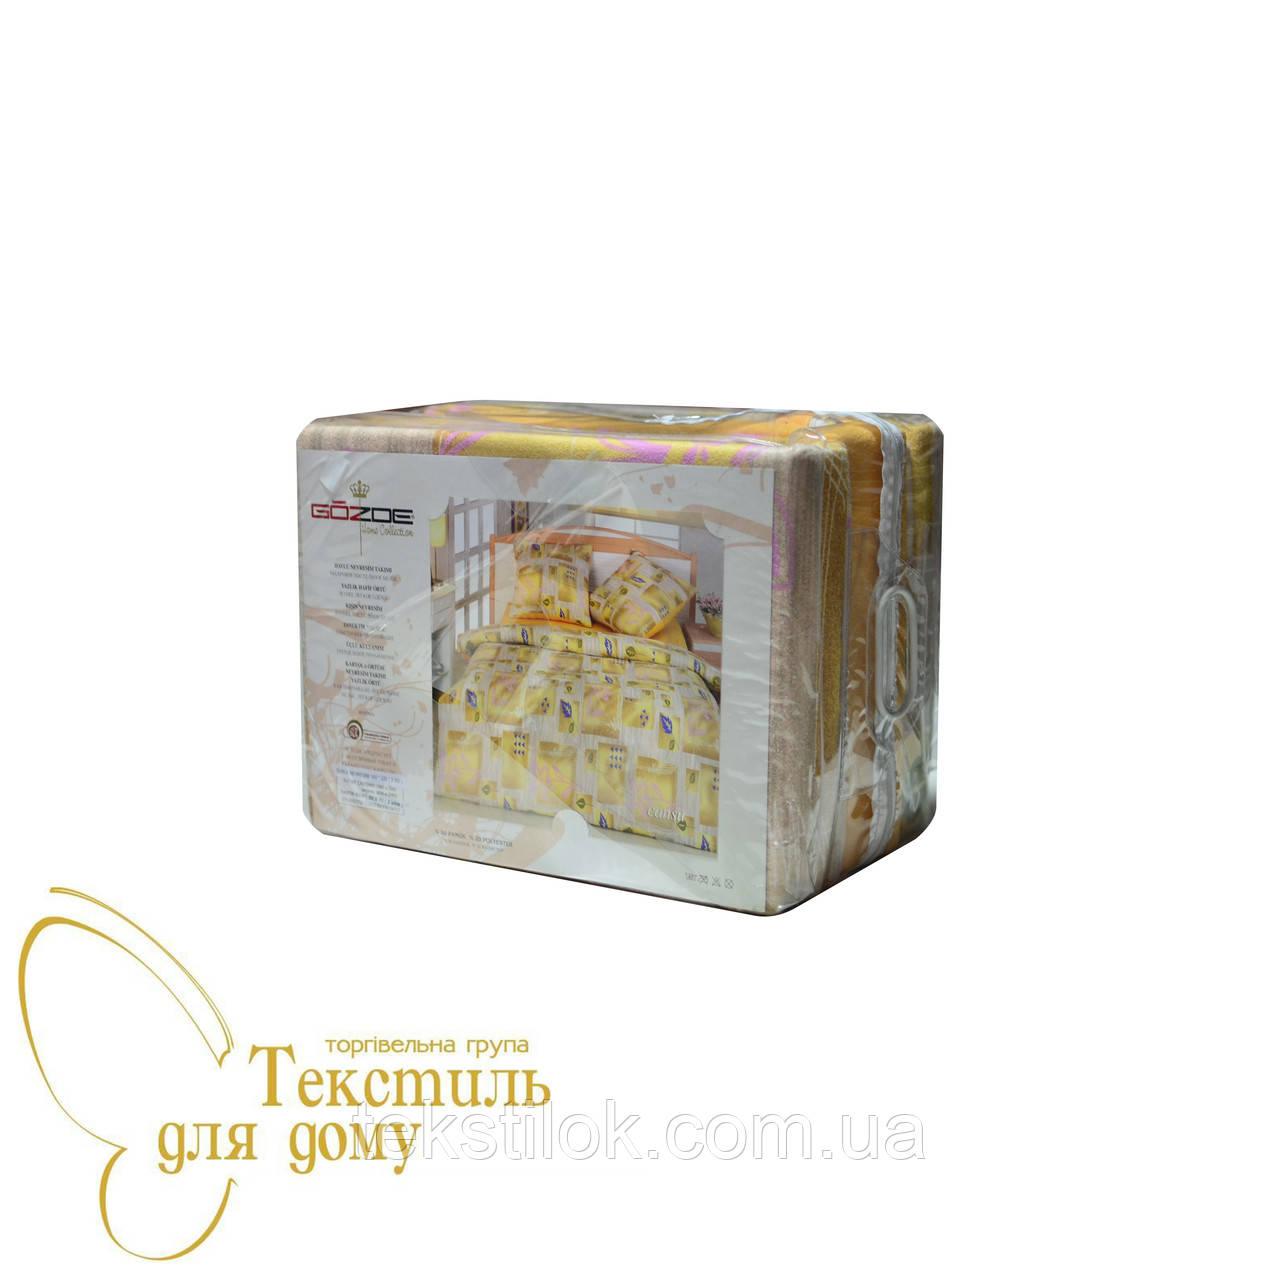 Комплект постельного белья махровый GOZDE Cansu